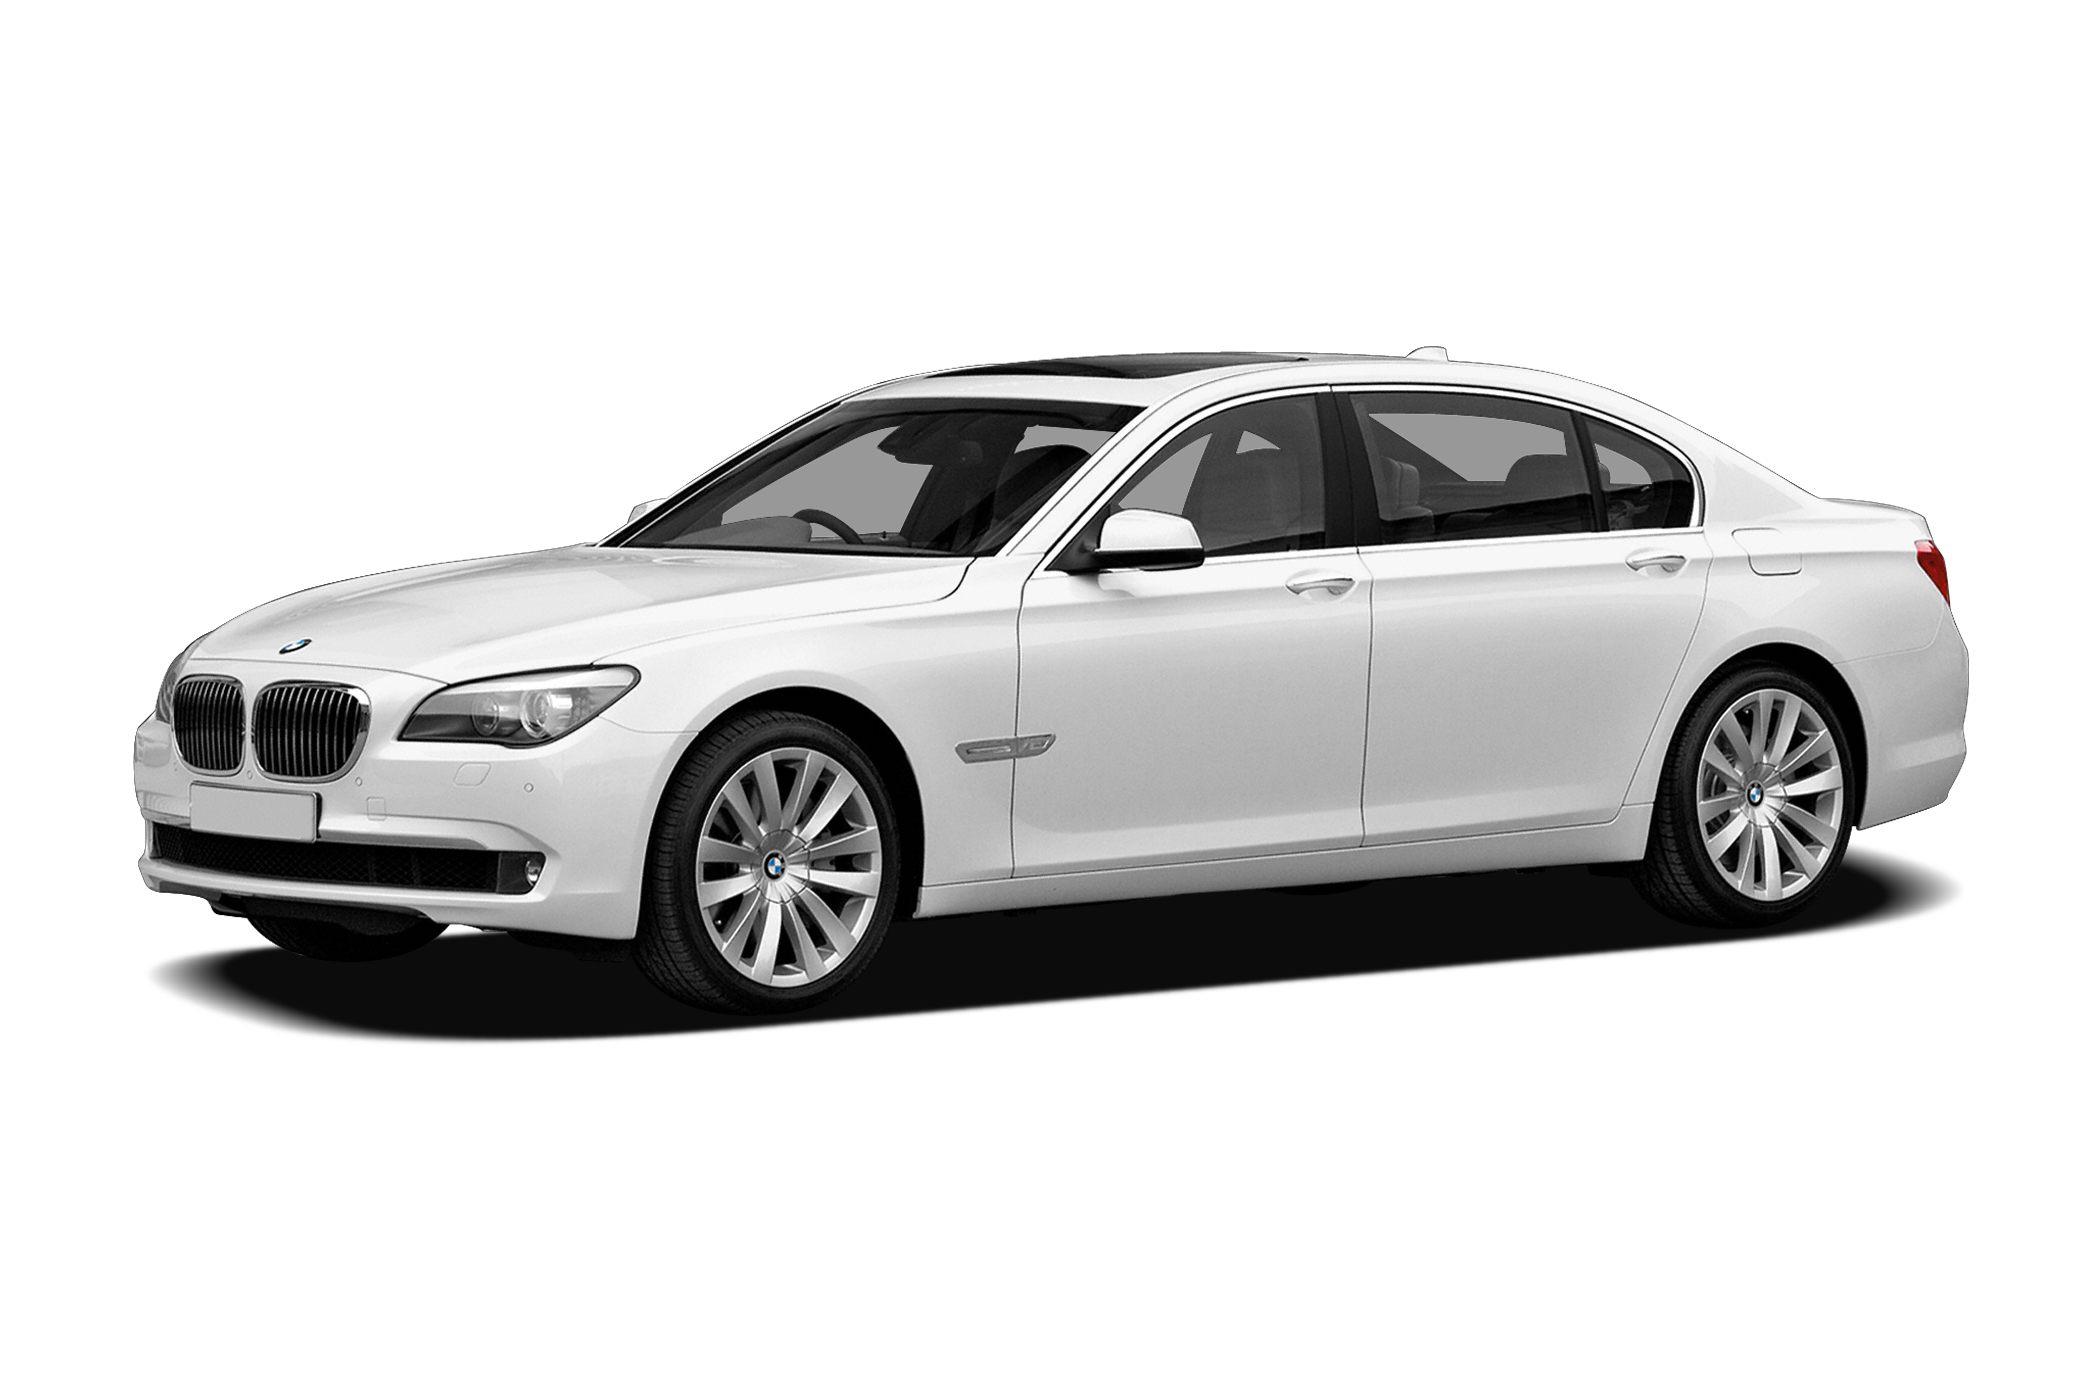 2010 BMW 7 Series 760Li Miles 46287Color Silver Metallic Stock Y40065 VIN WBAKB0C58ACY40065